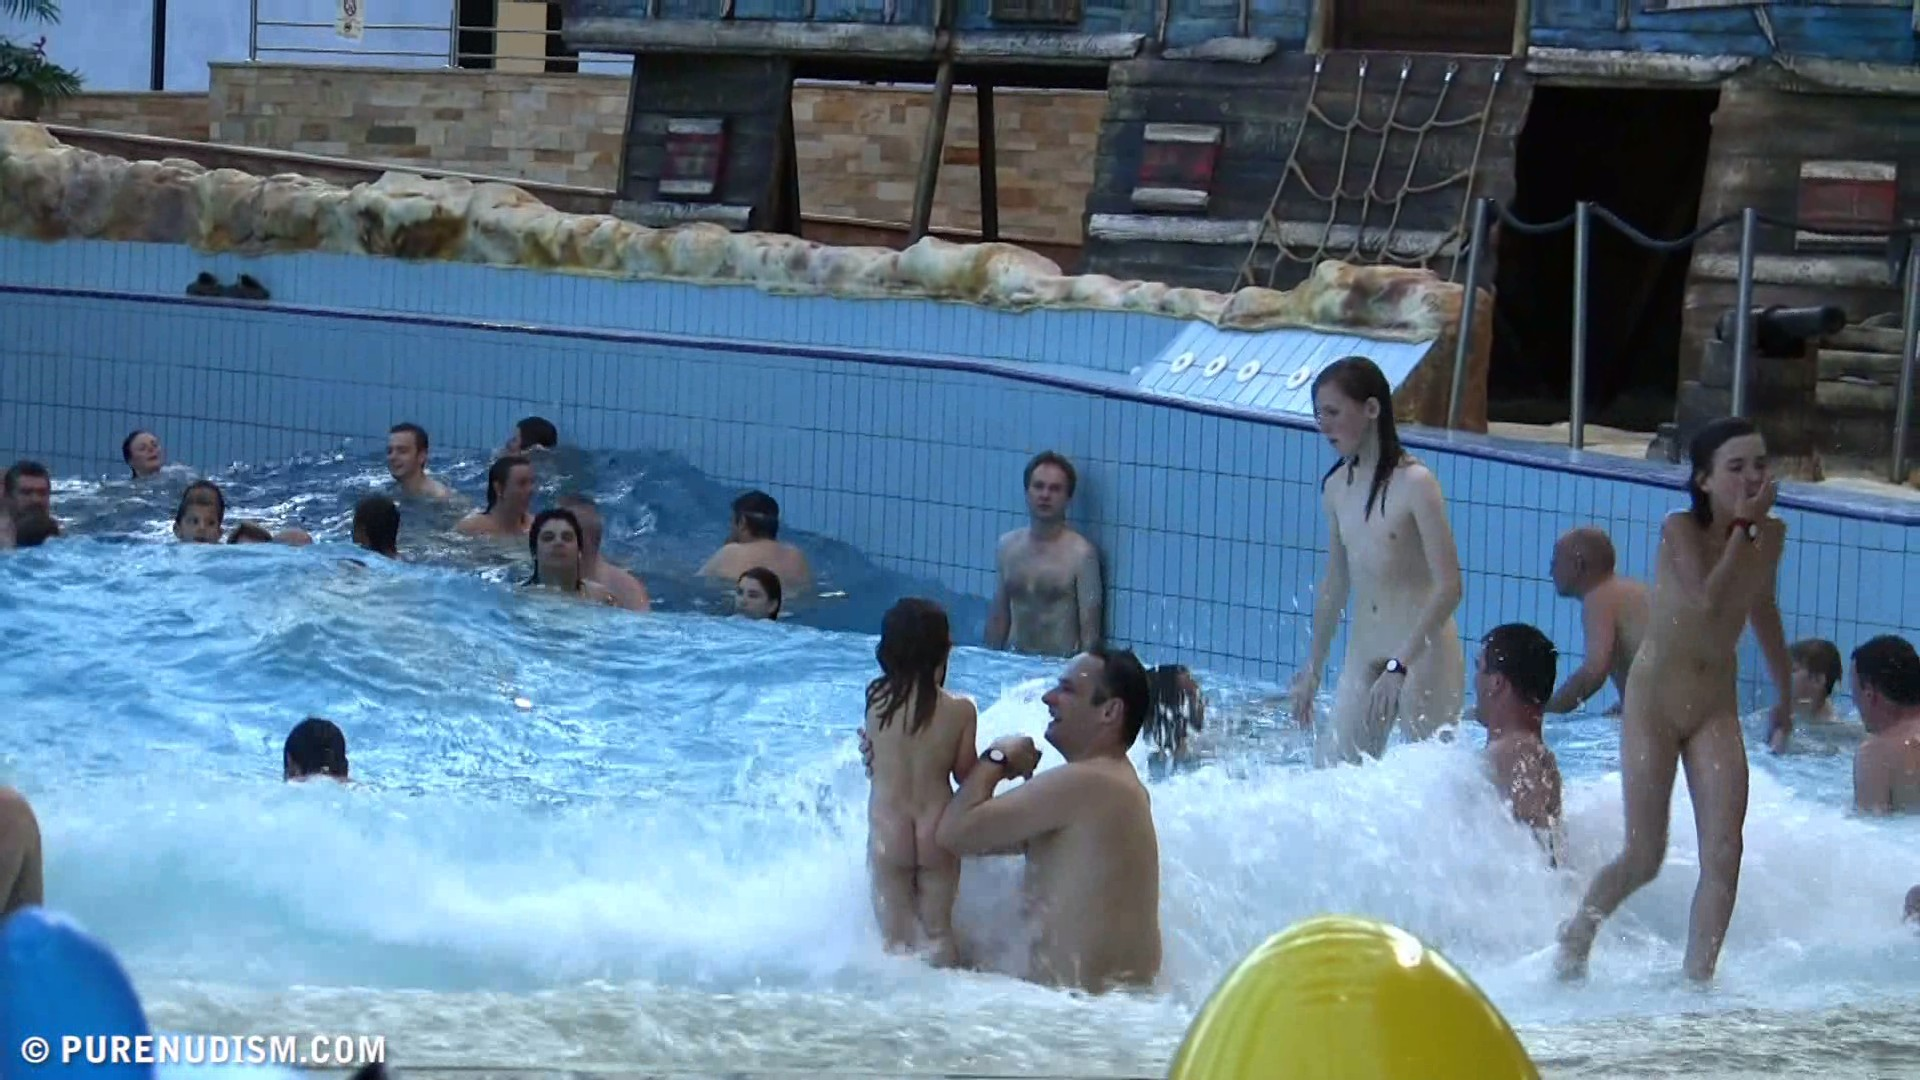 Семейный нудизм в аквапарке фото 20 фотография